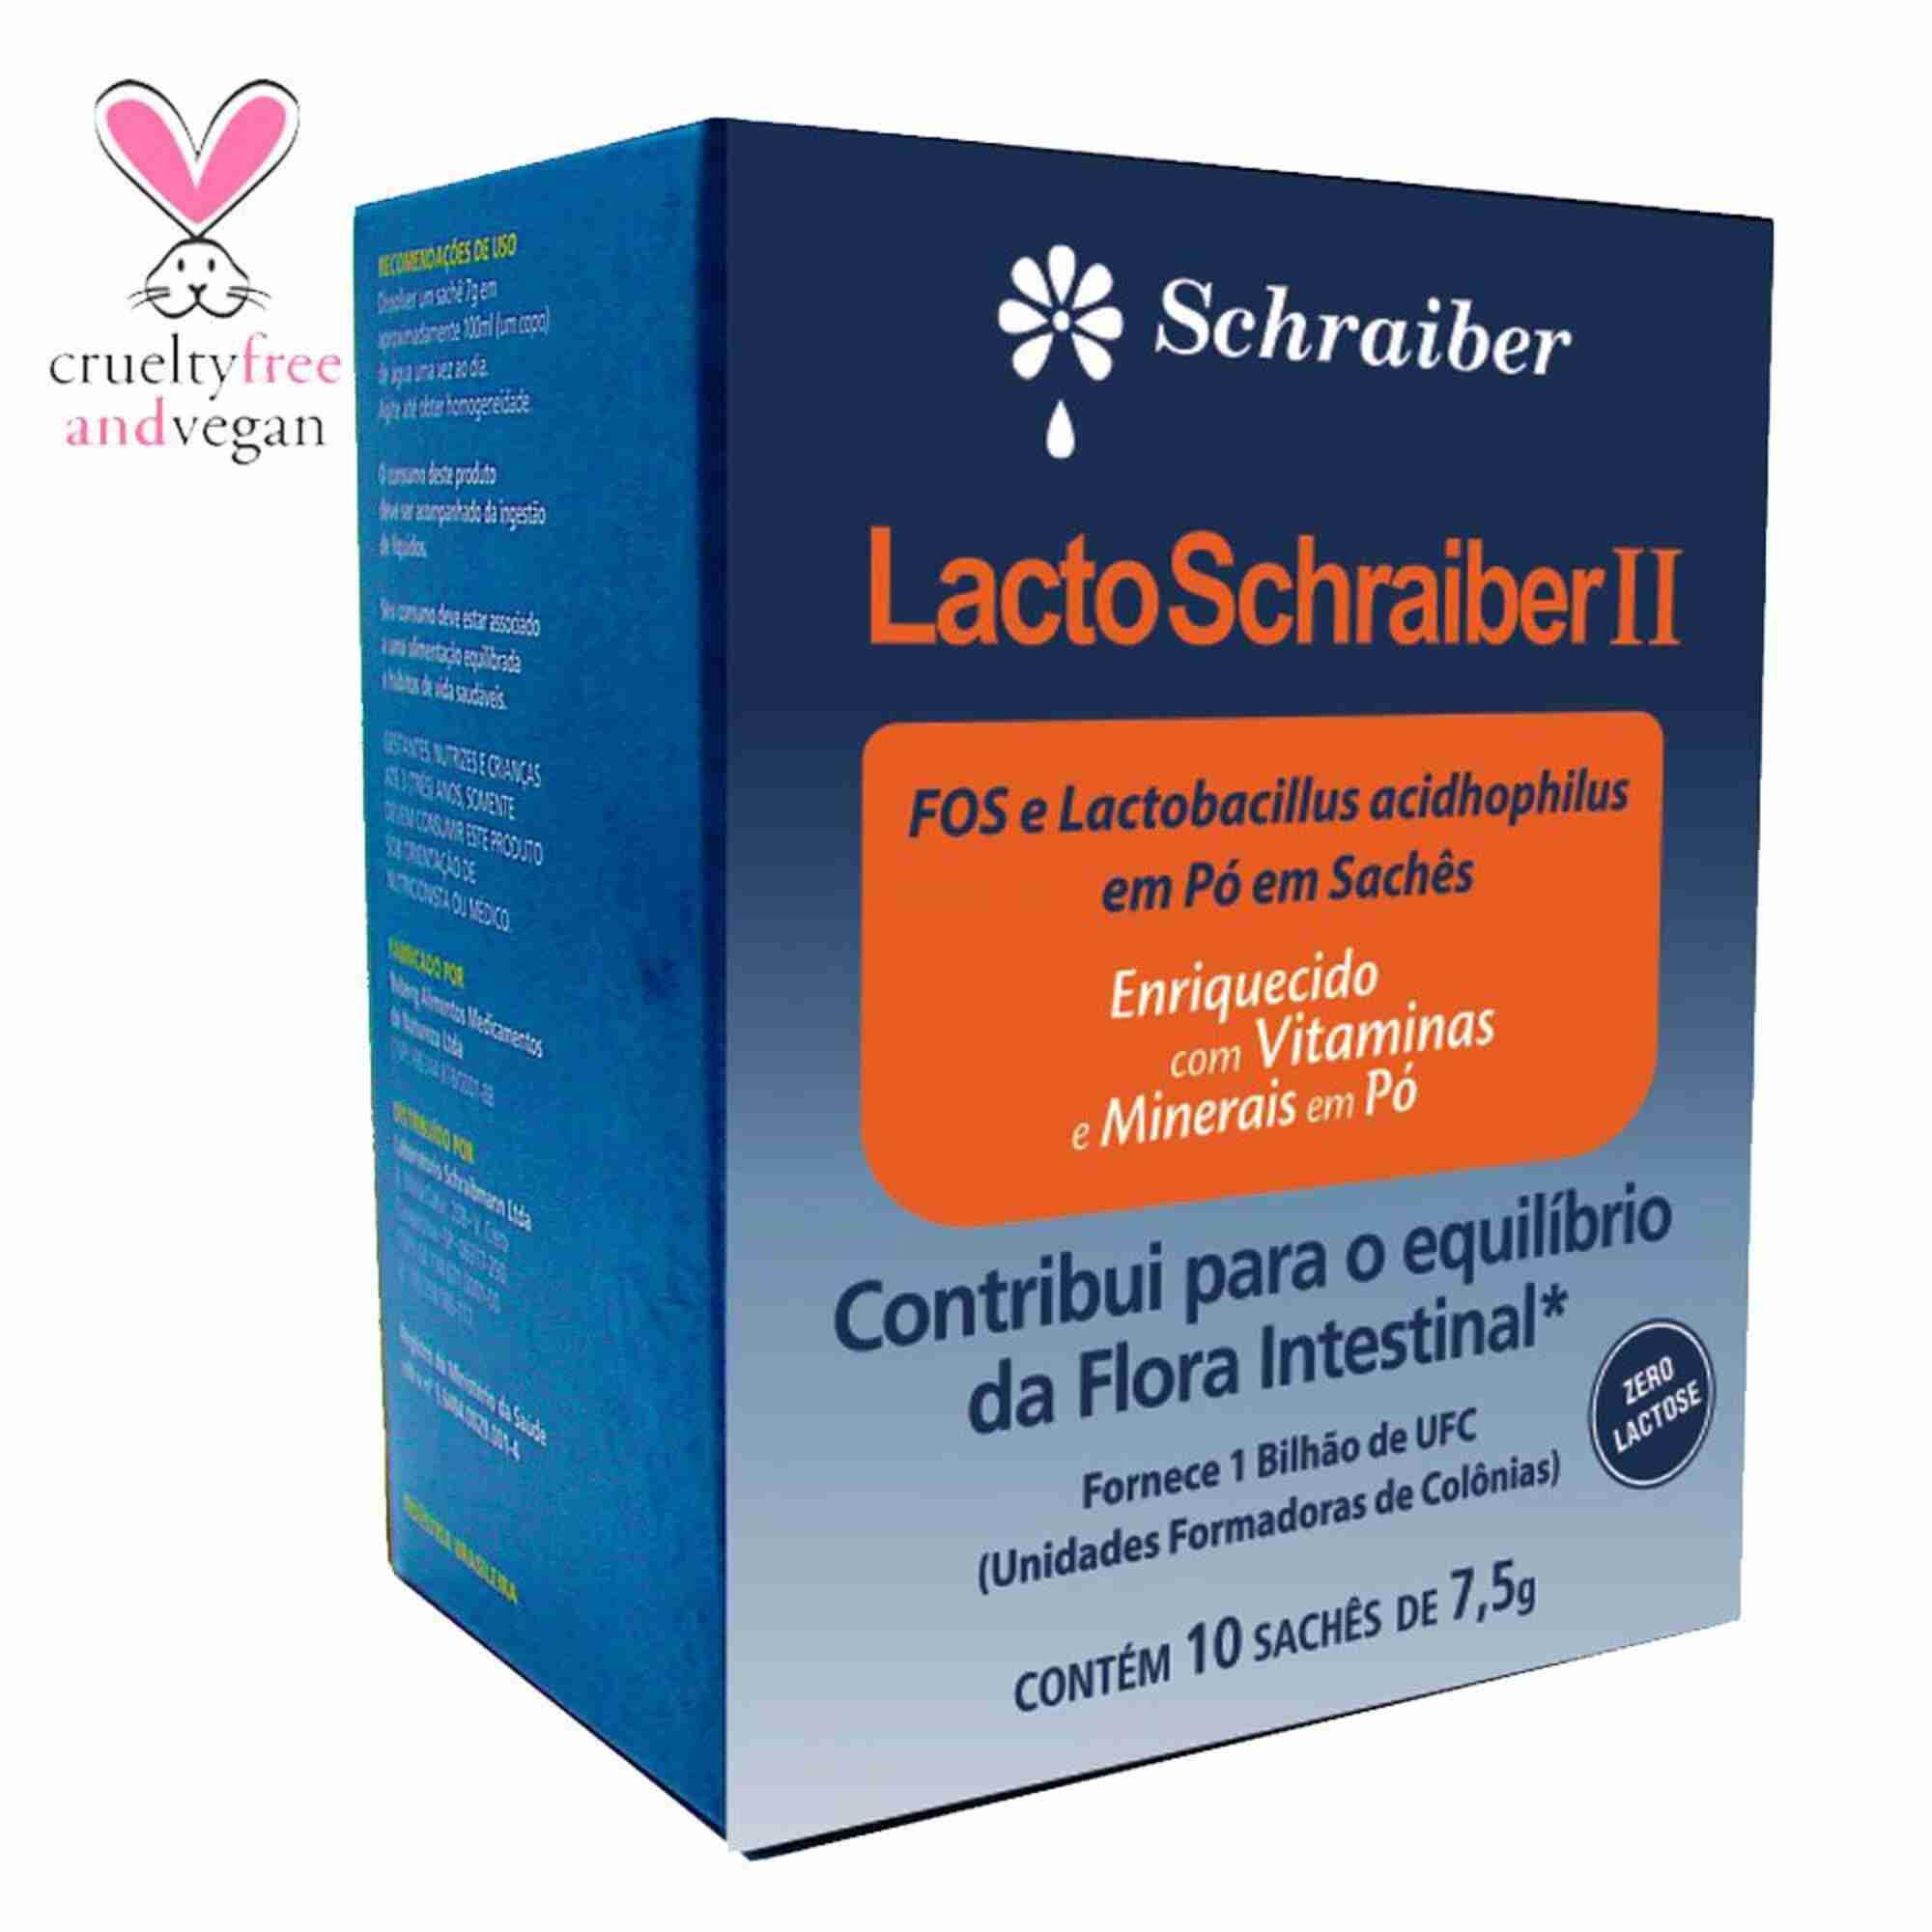 Lacto Schraiber II